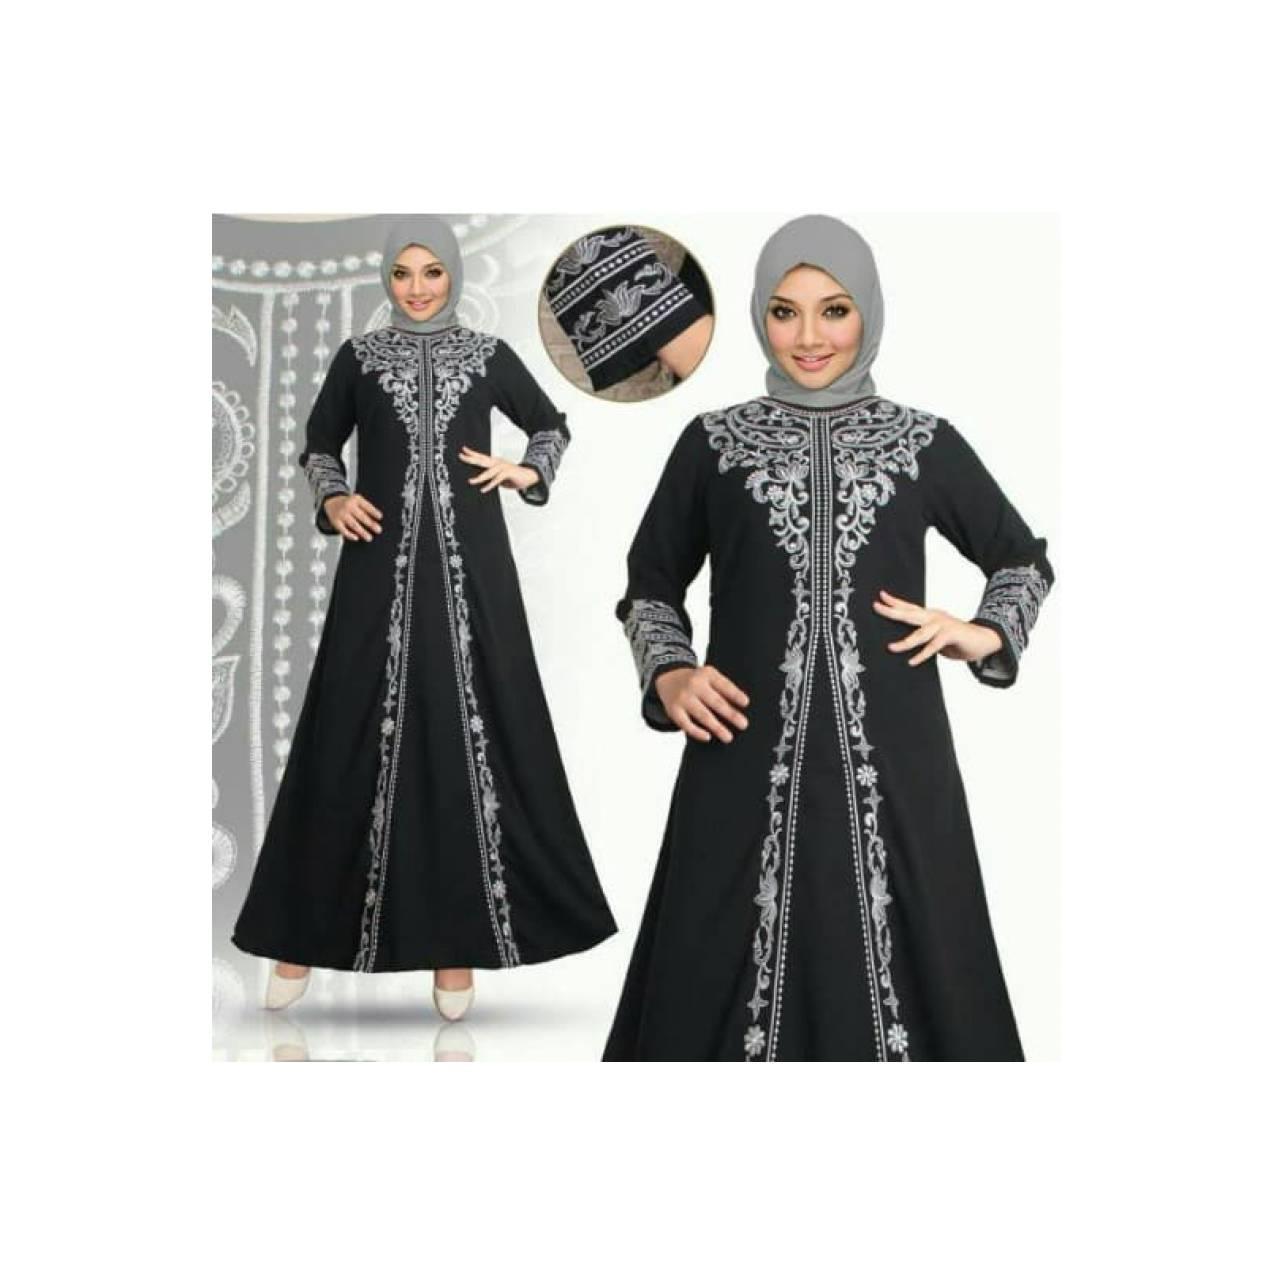 Gamis Abaya Arab Saudi Bordir Hitam Hajar S, M L, XL, XXL, XXXL, XXXXL - Hitam, S